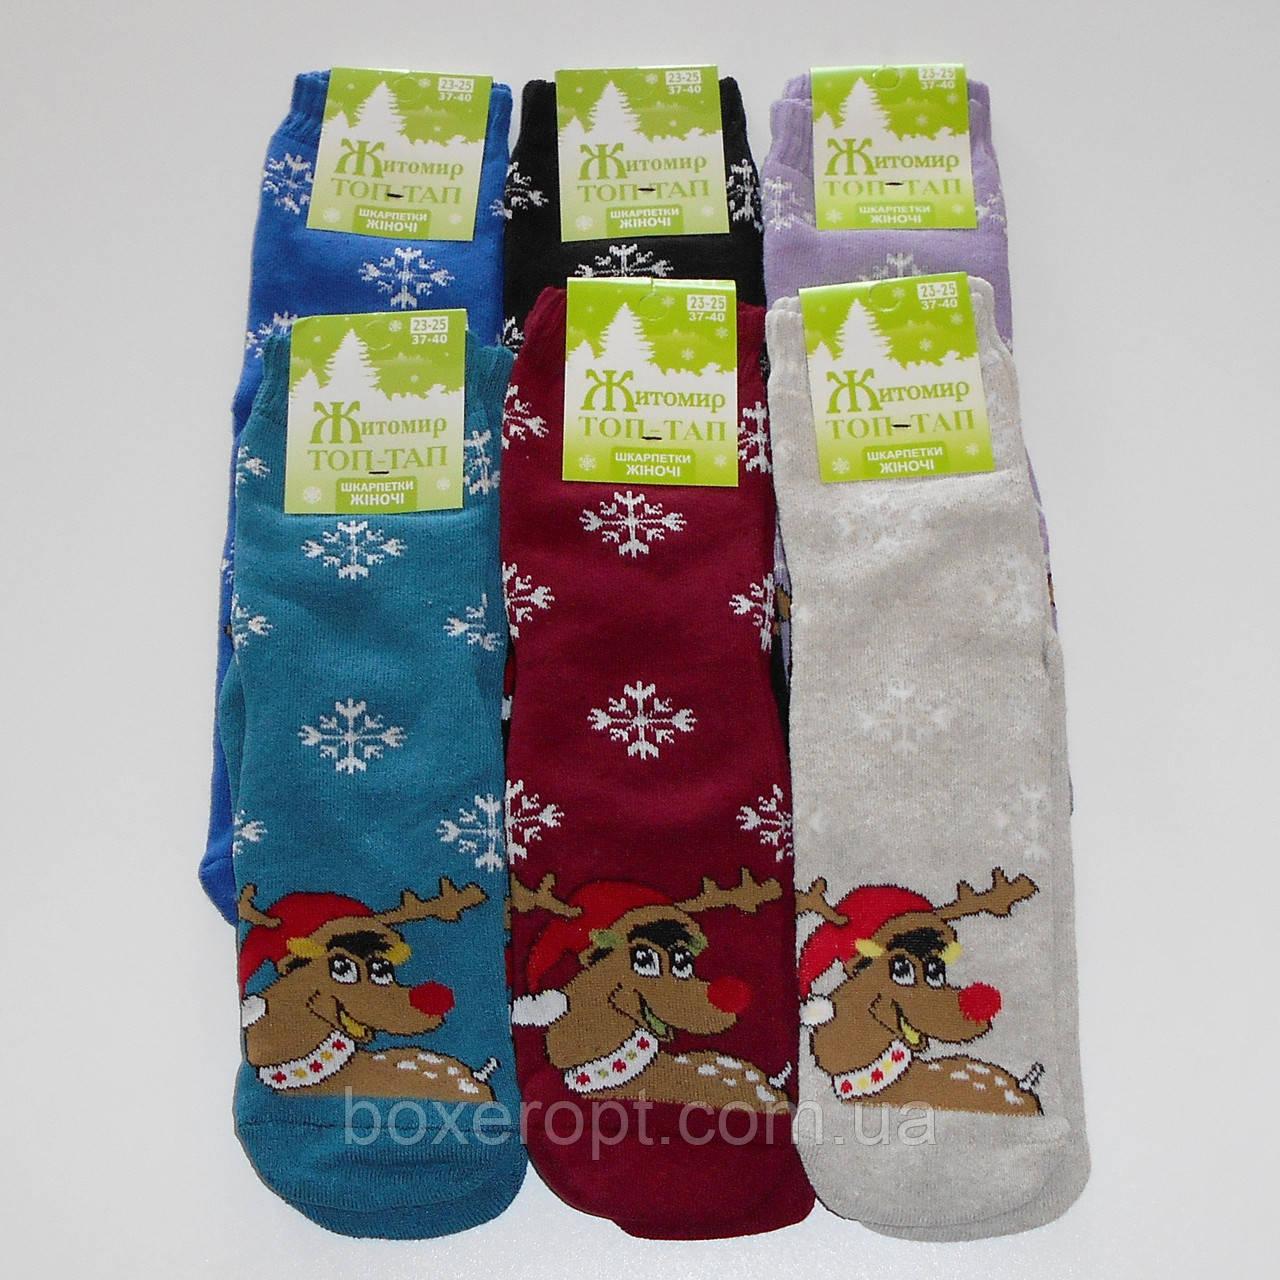 Женские махровые носки Топ-Тап - 11.50 грн./пара (олень в шапке)